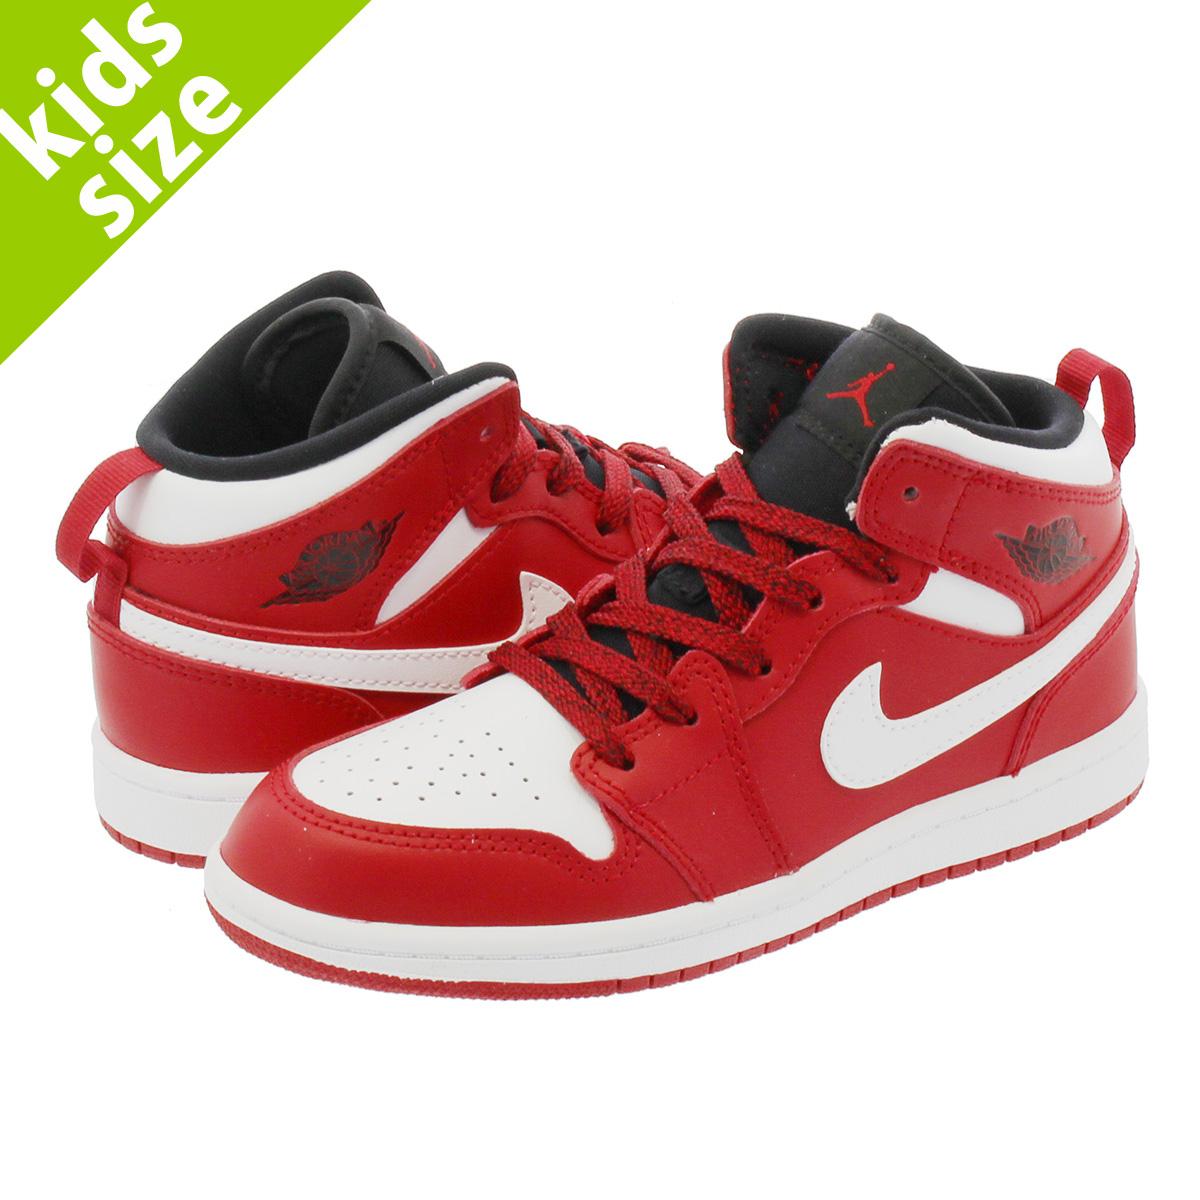 Nike Jordan area Select Ps Lowtex Mid Shop Air wqzvOE area Jordan 27c2cb